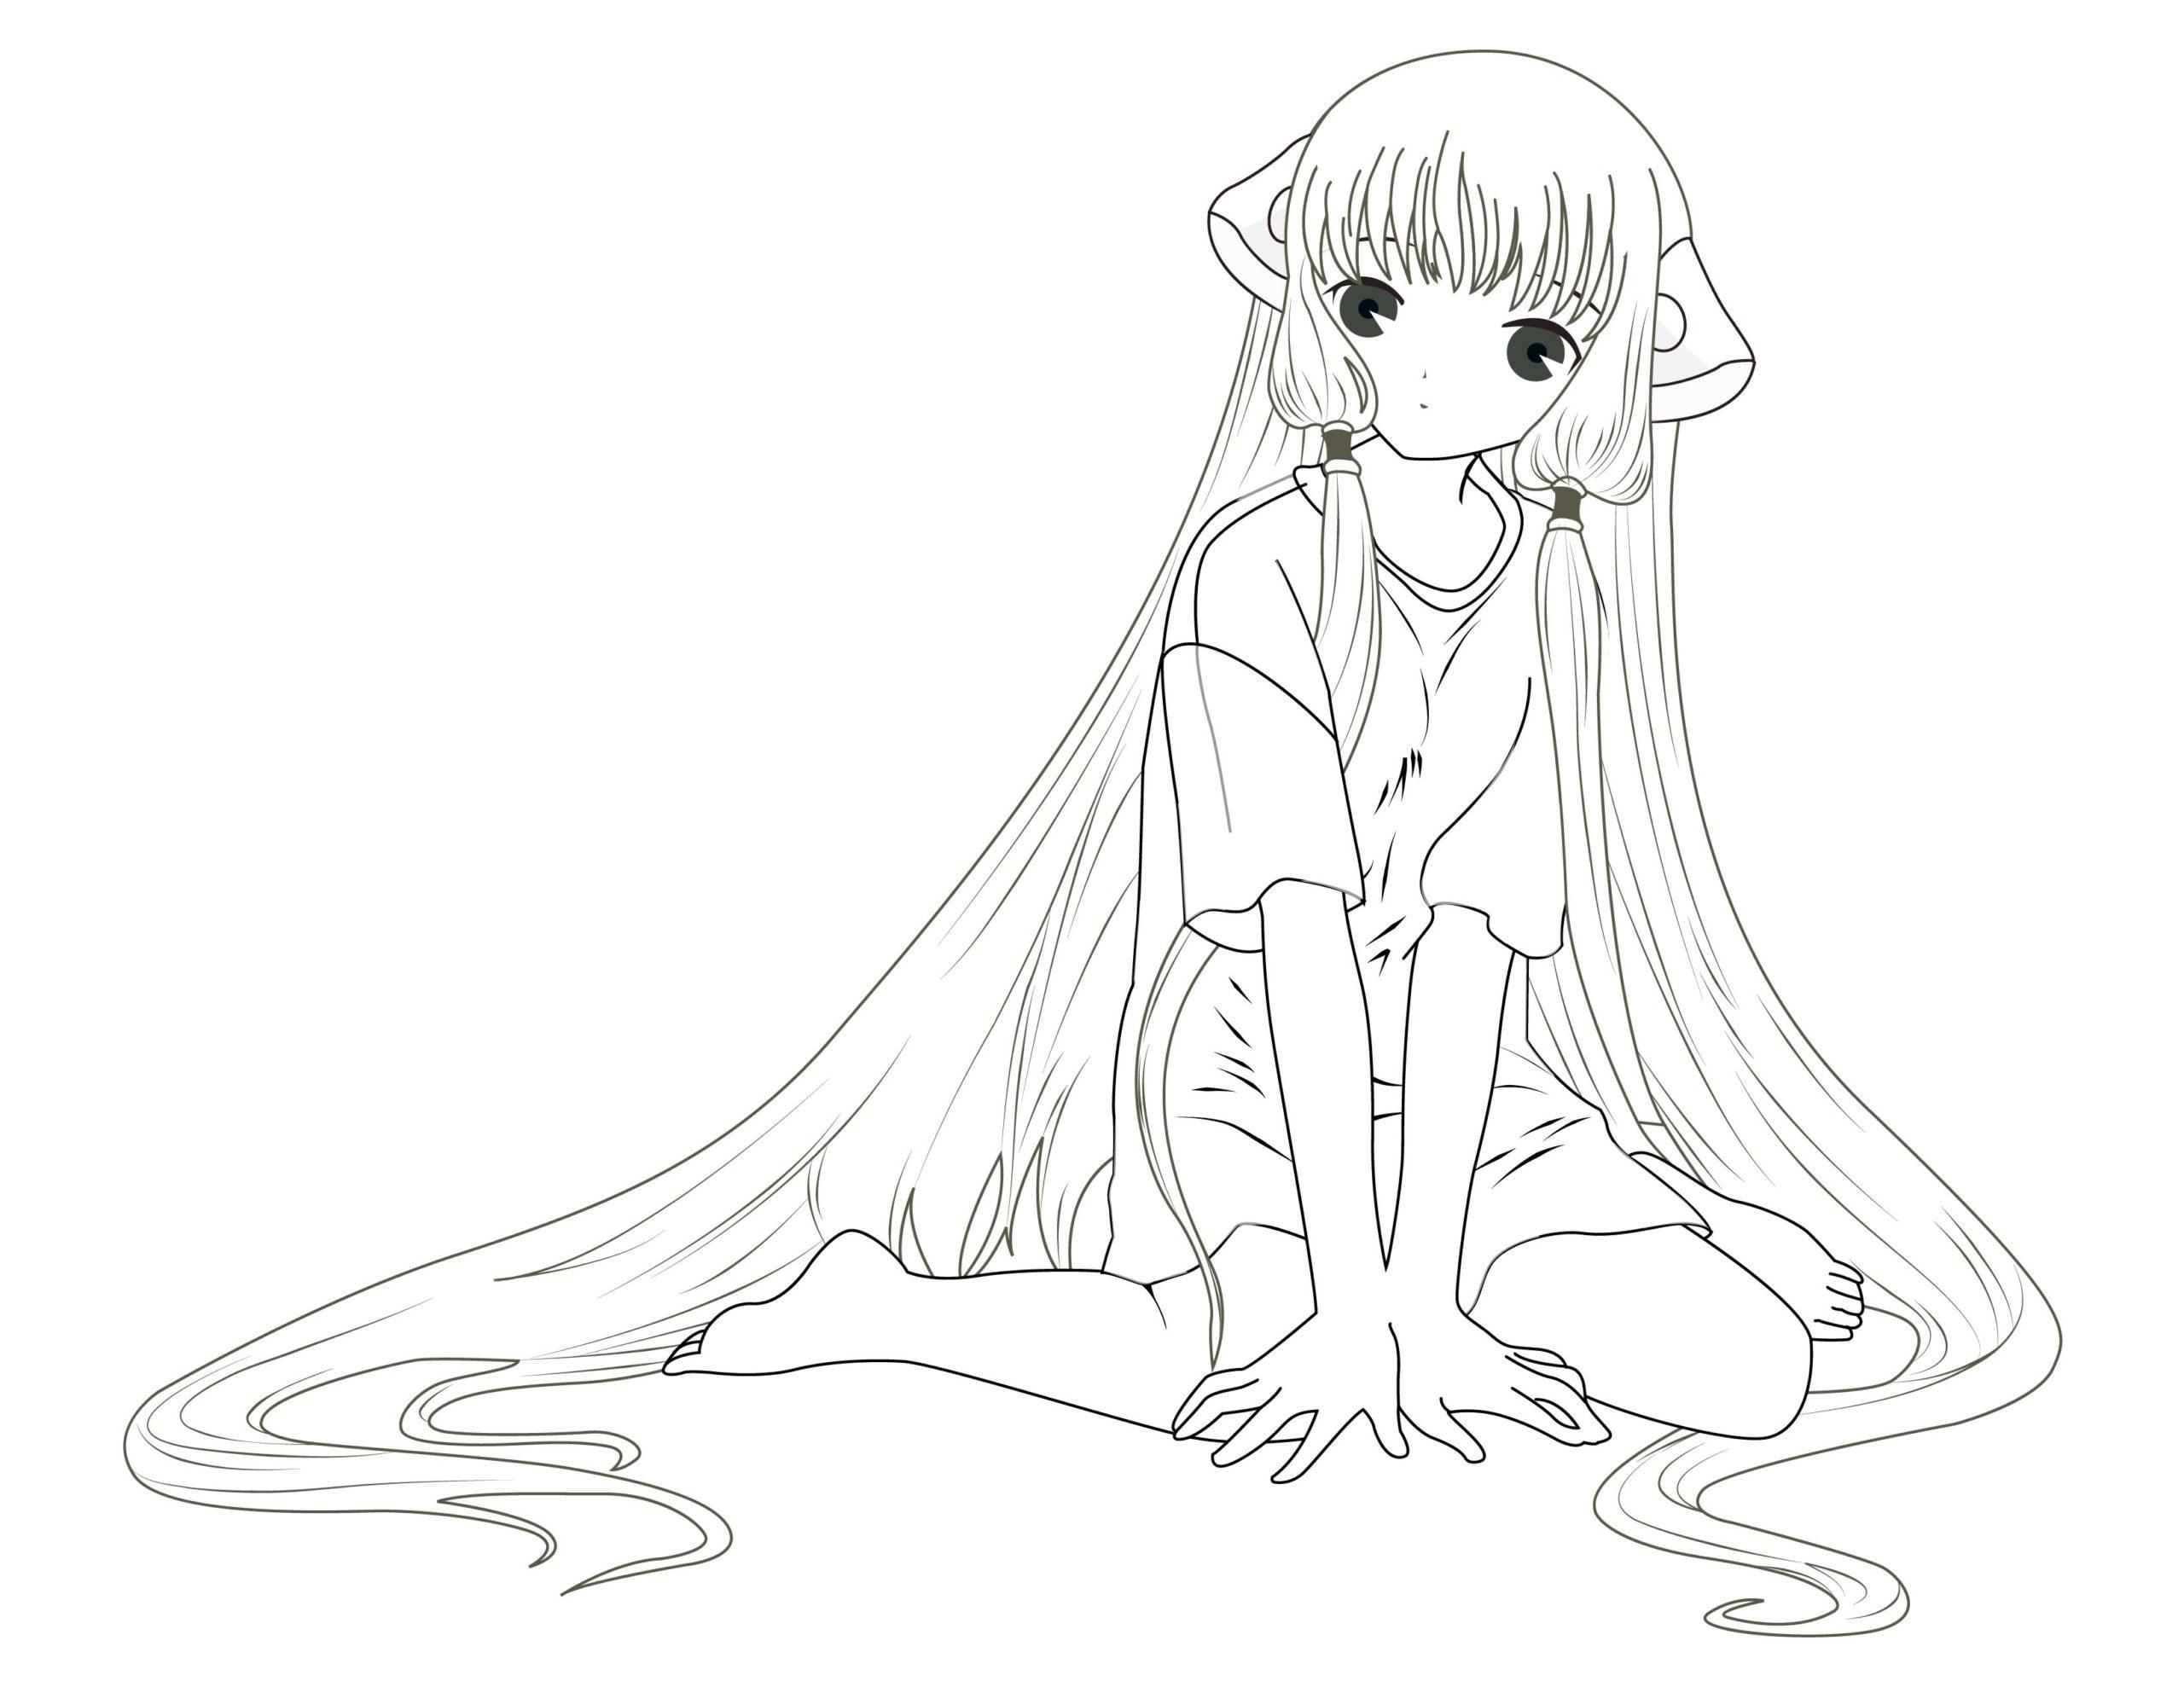 Coloriage à Imprimer De Fille Manga - Coloriage Imprimer